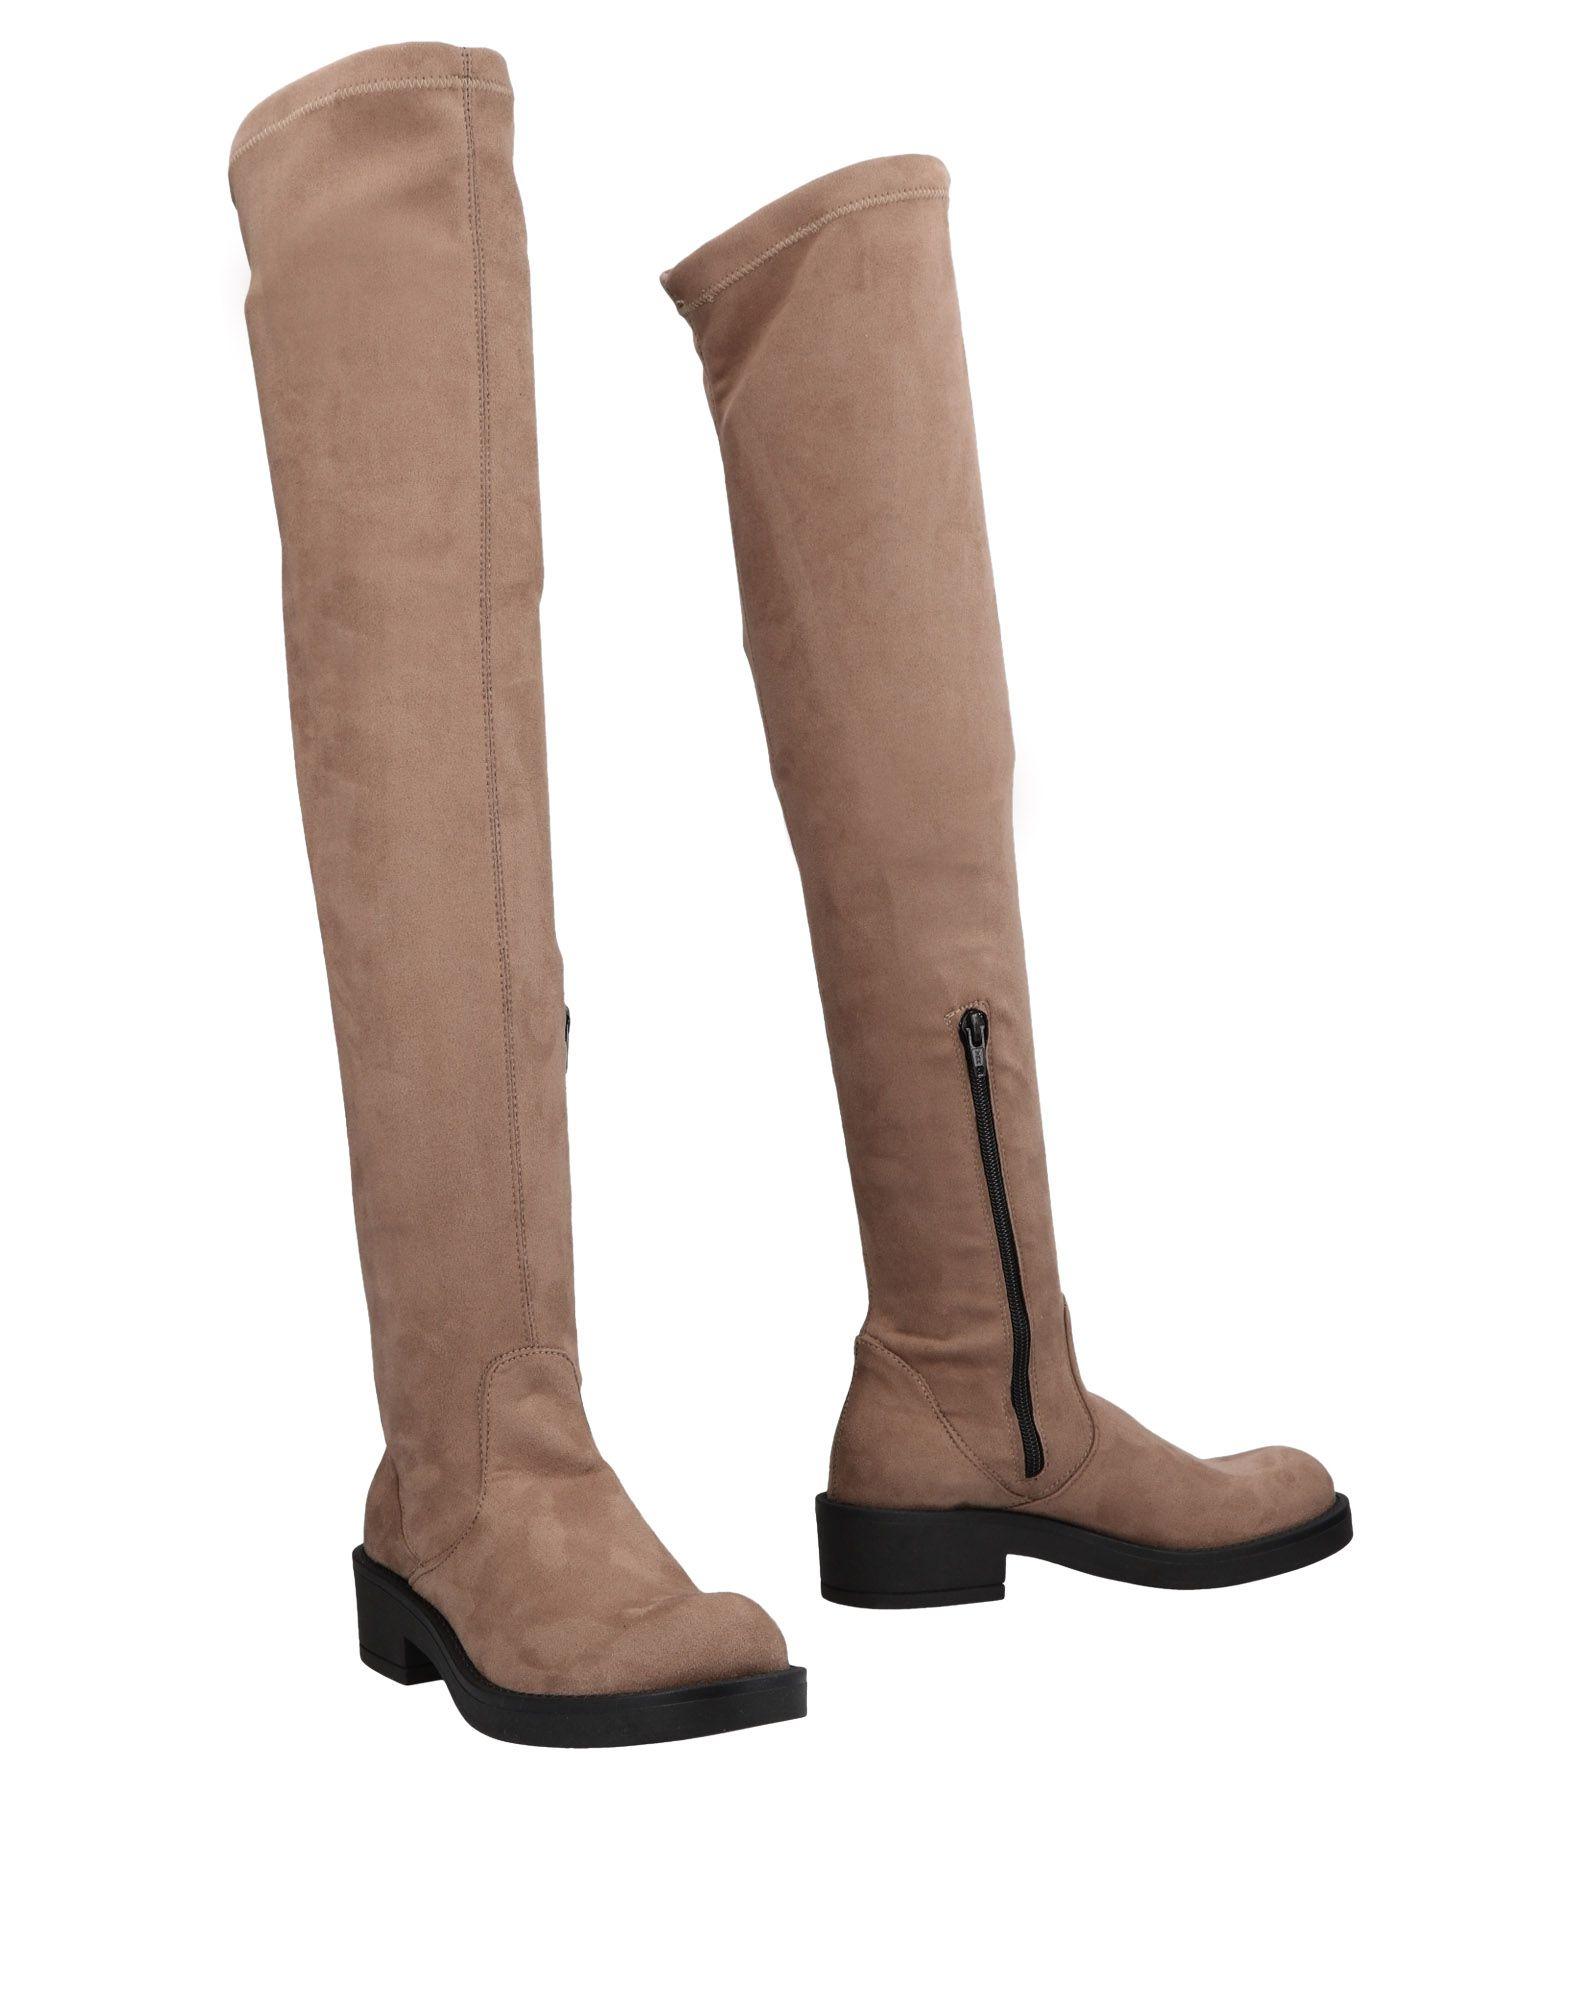 Unlace Unlace Unlace Stiefel Damen Gutes Preis-Leistungs-Verhältnis, es lohnt sich fb9f57